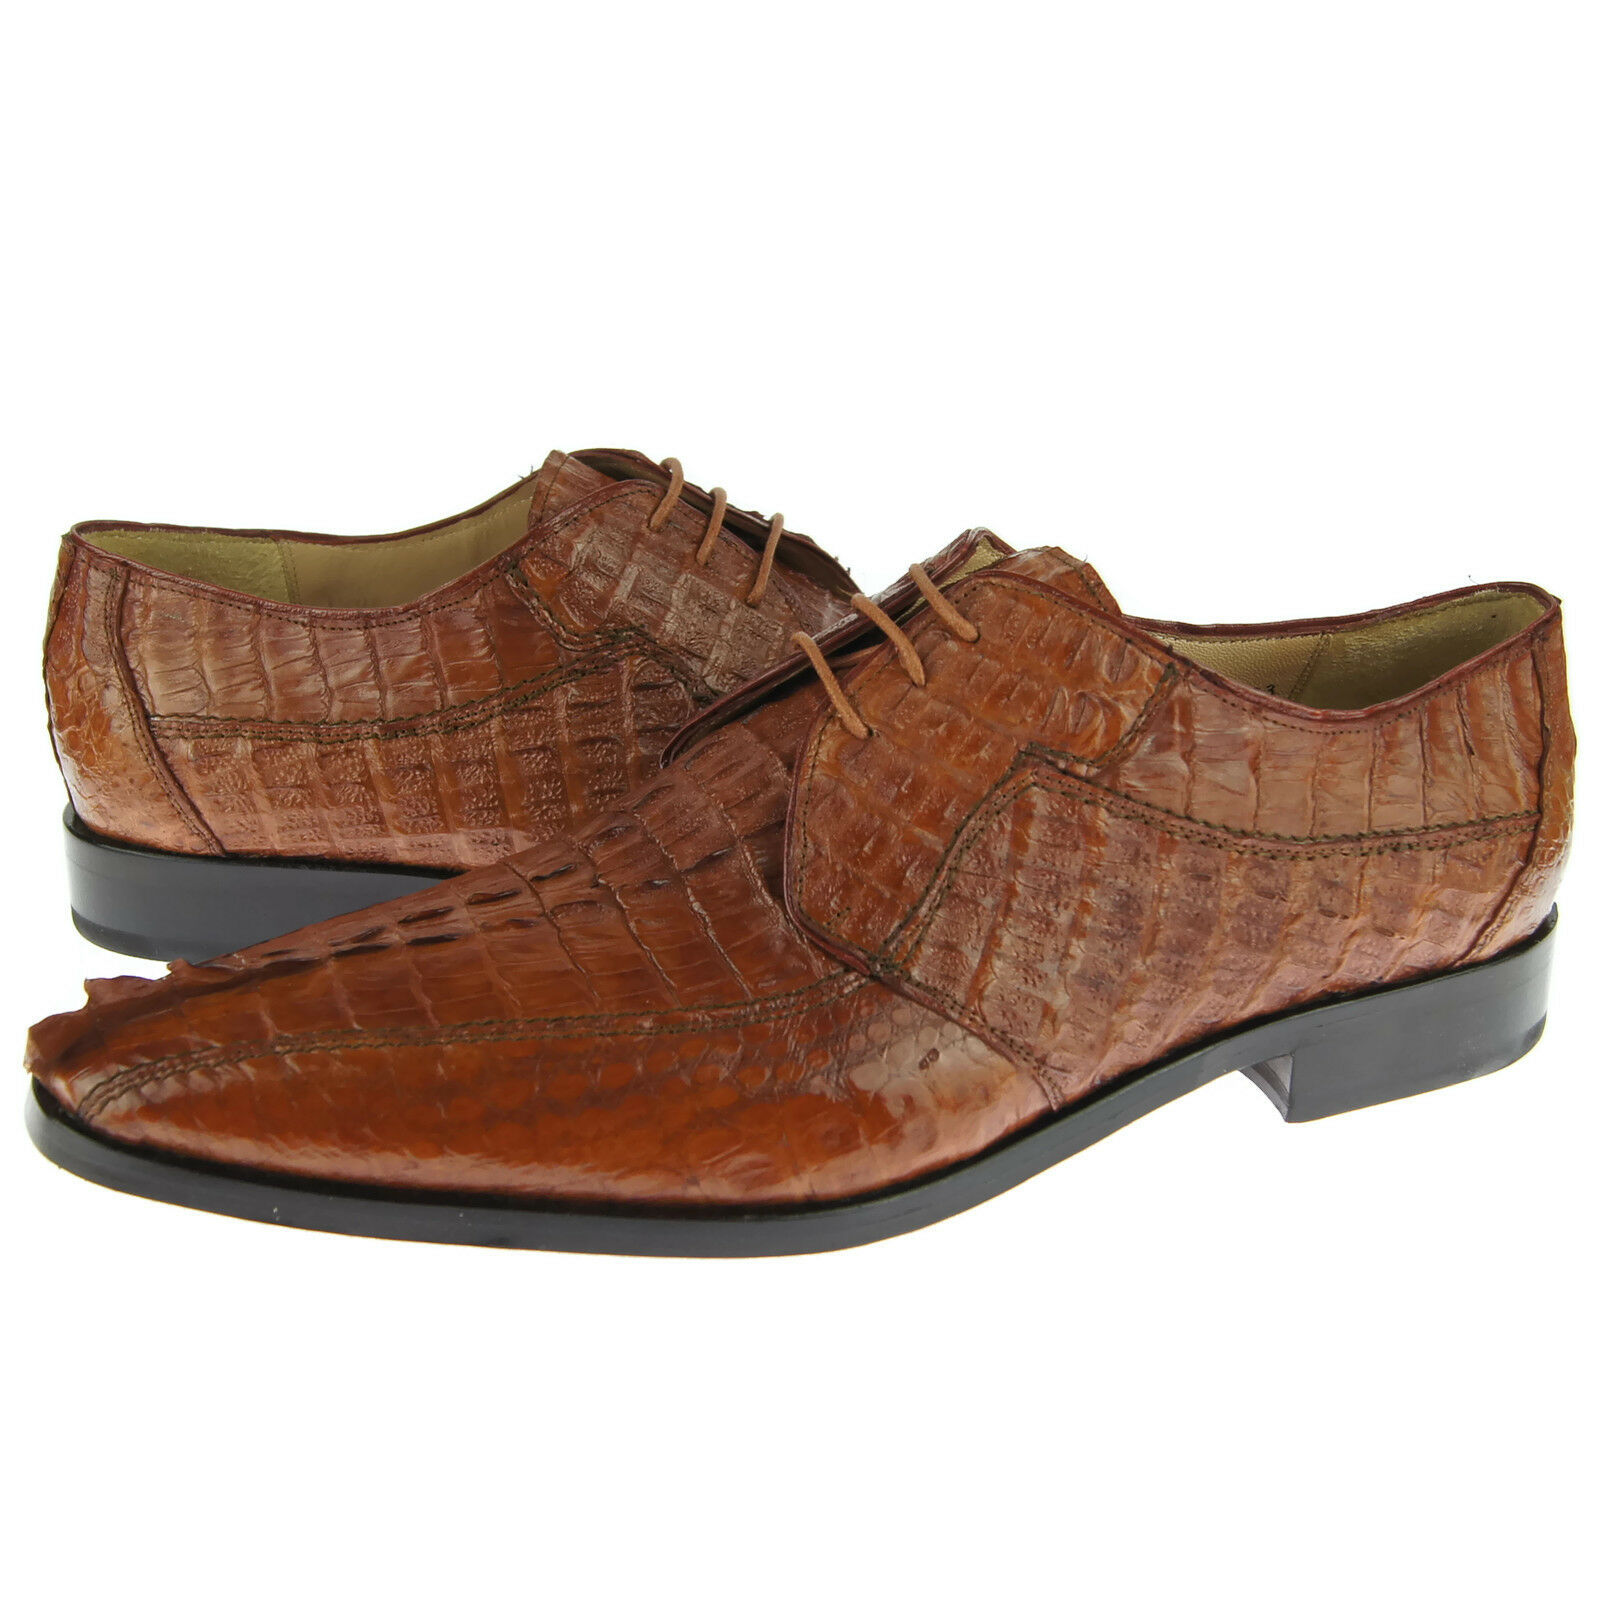 David Eden  Cancun  Crocodile Derby, Men's Exotic Leather Oxford shoes,Cognac 10